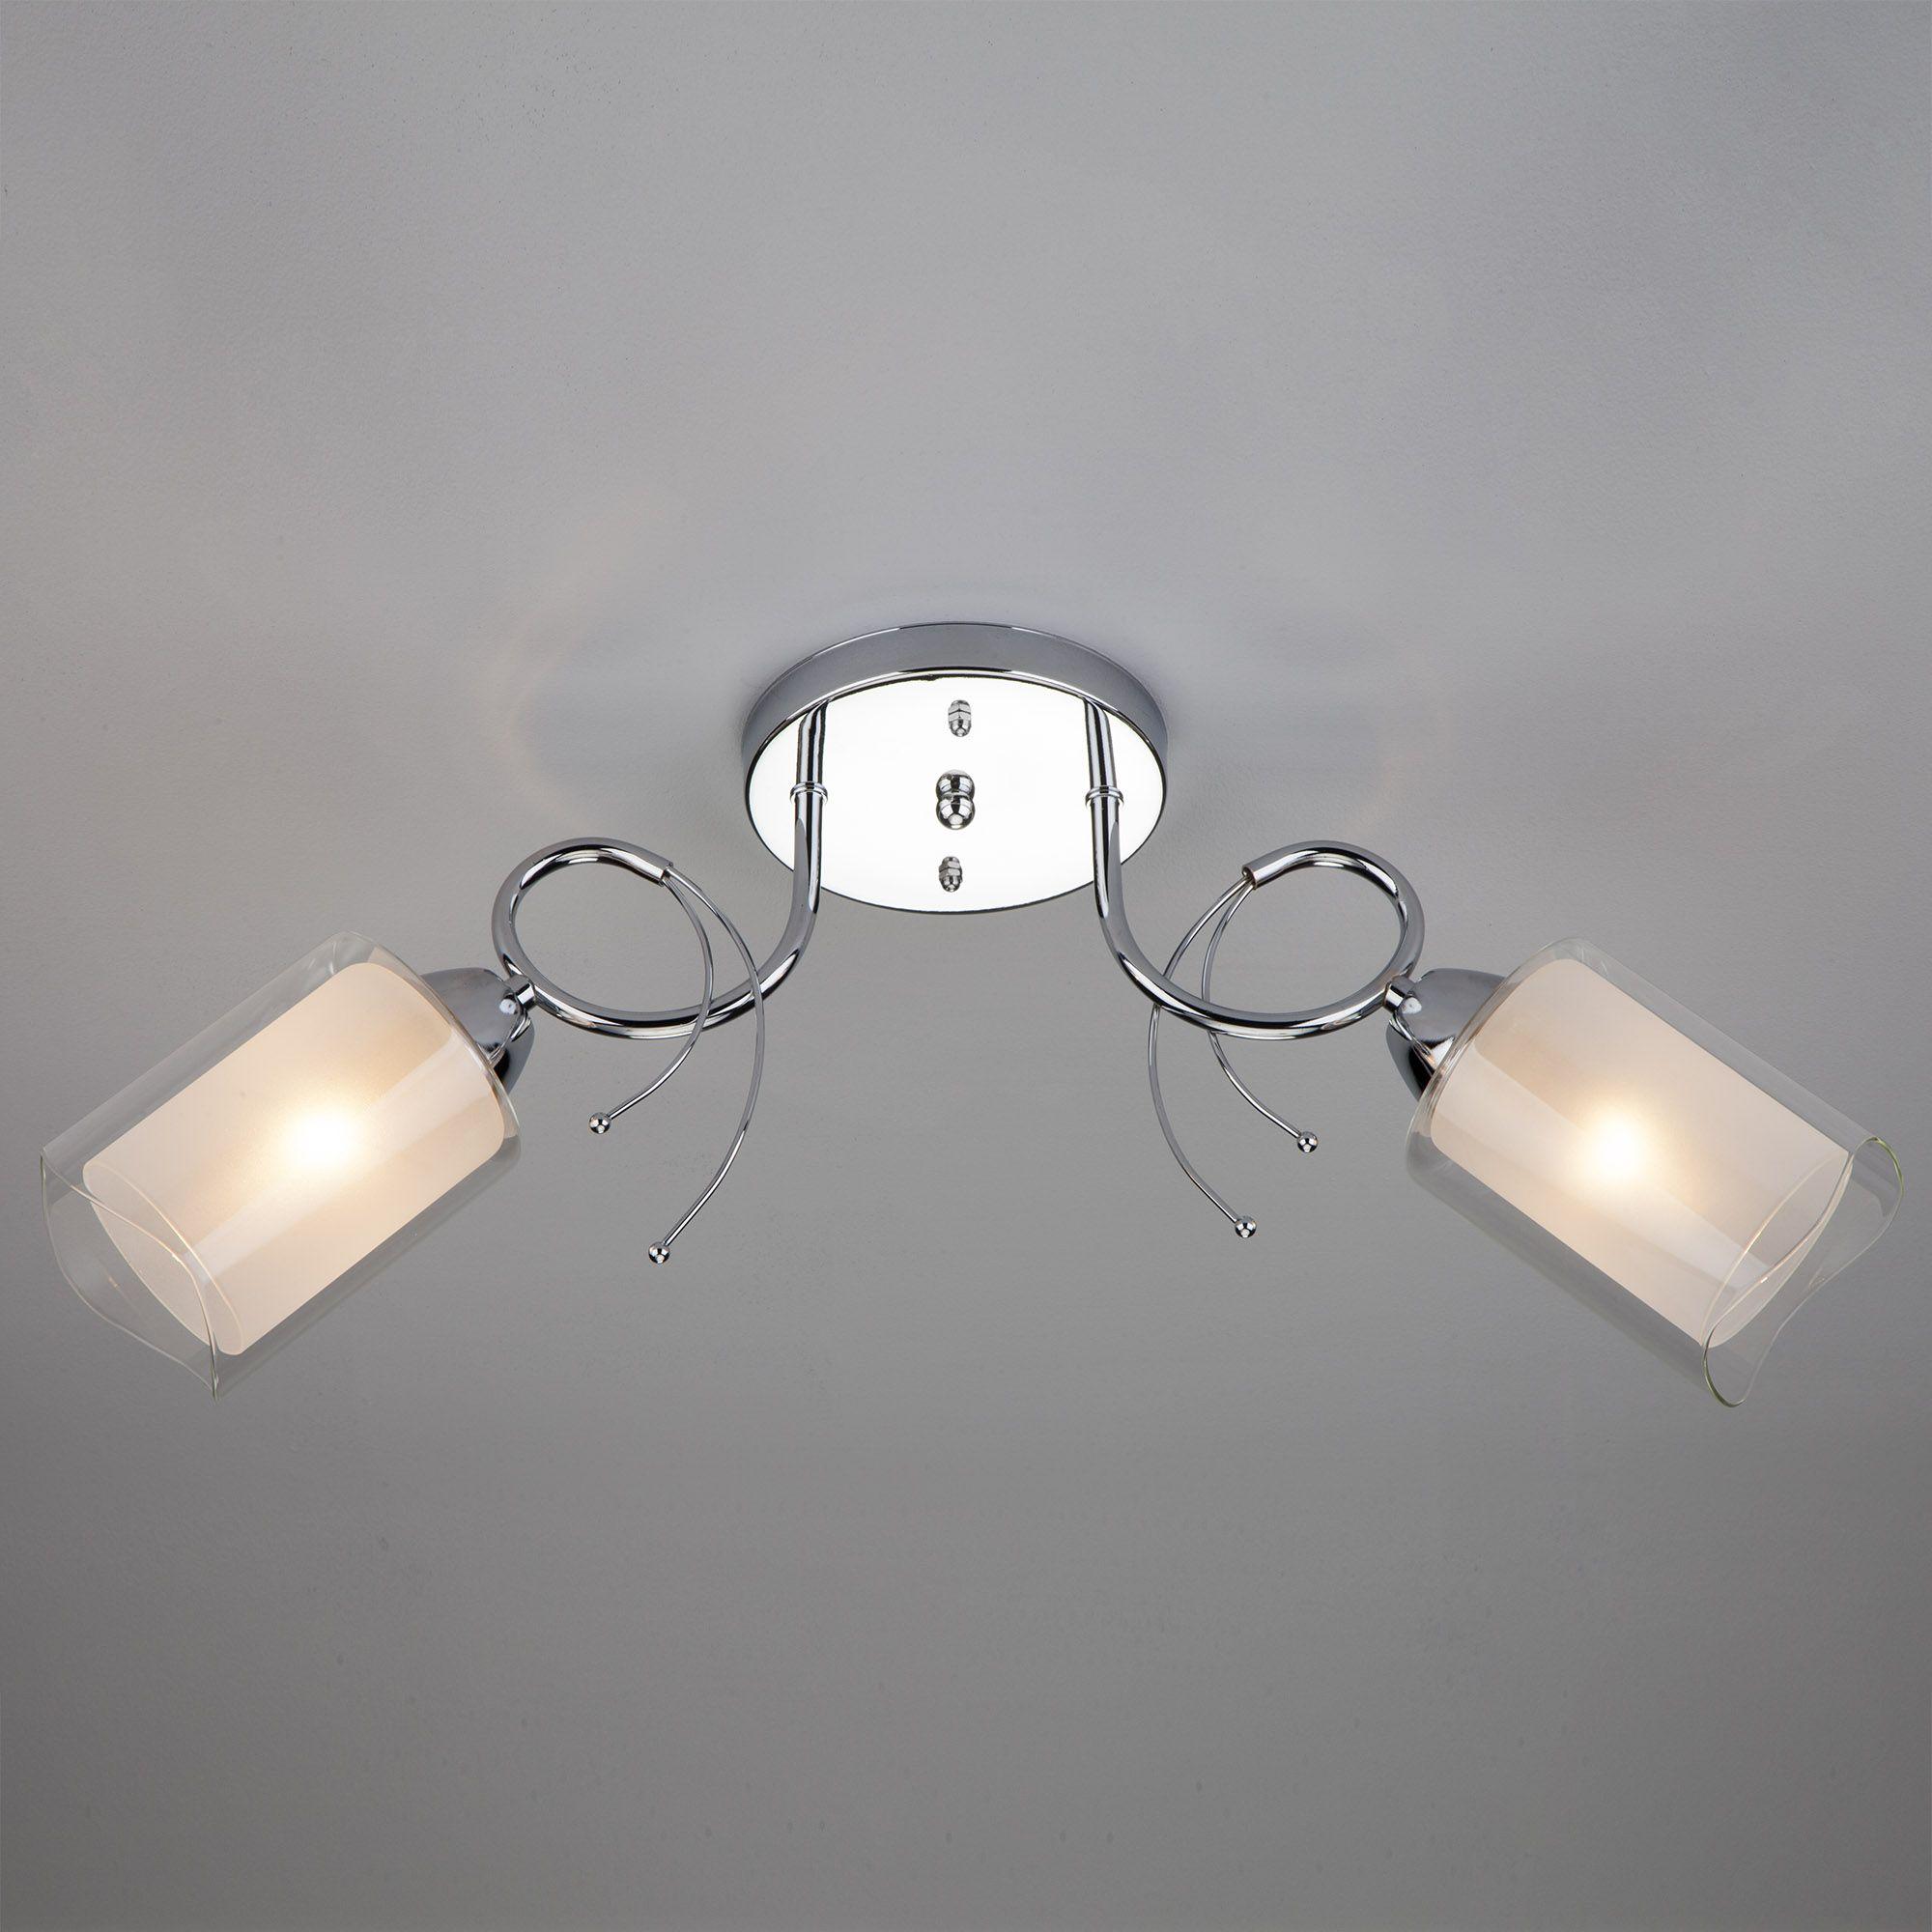 Потолочный светильник с двойными плафонами 30122/2 хром